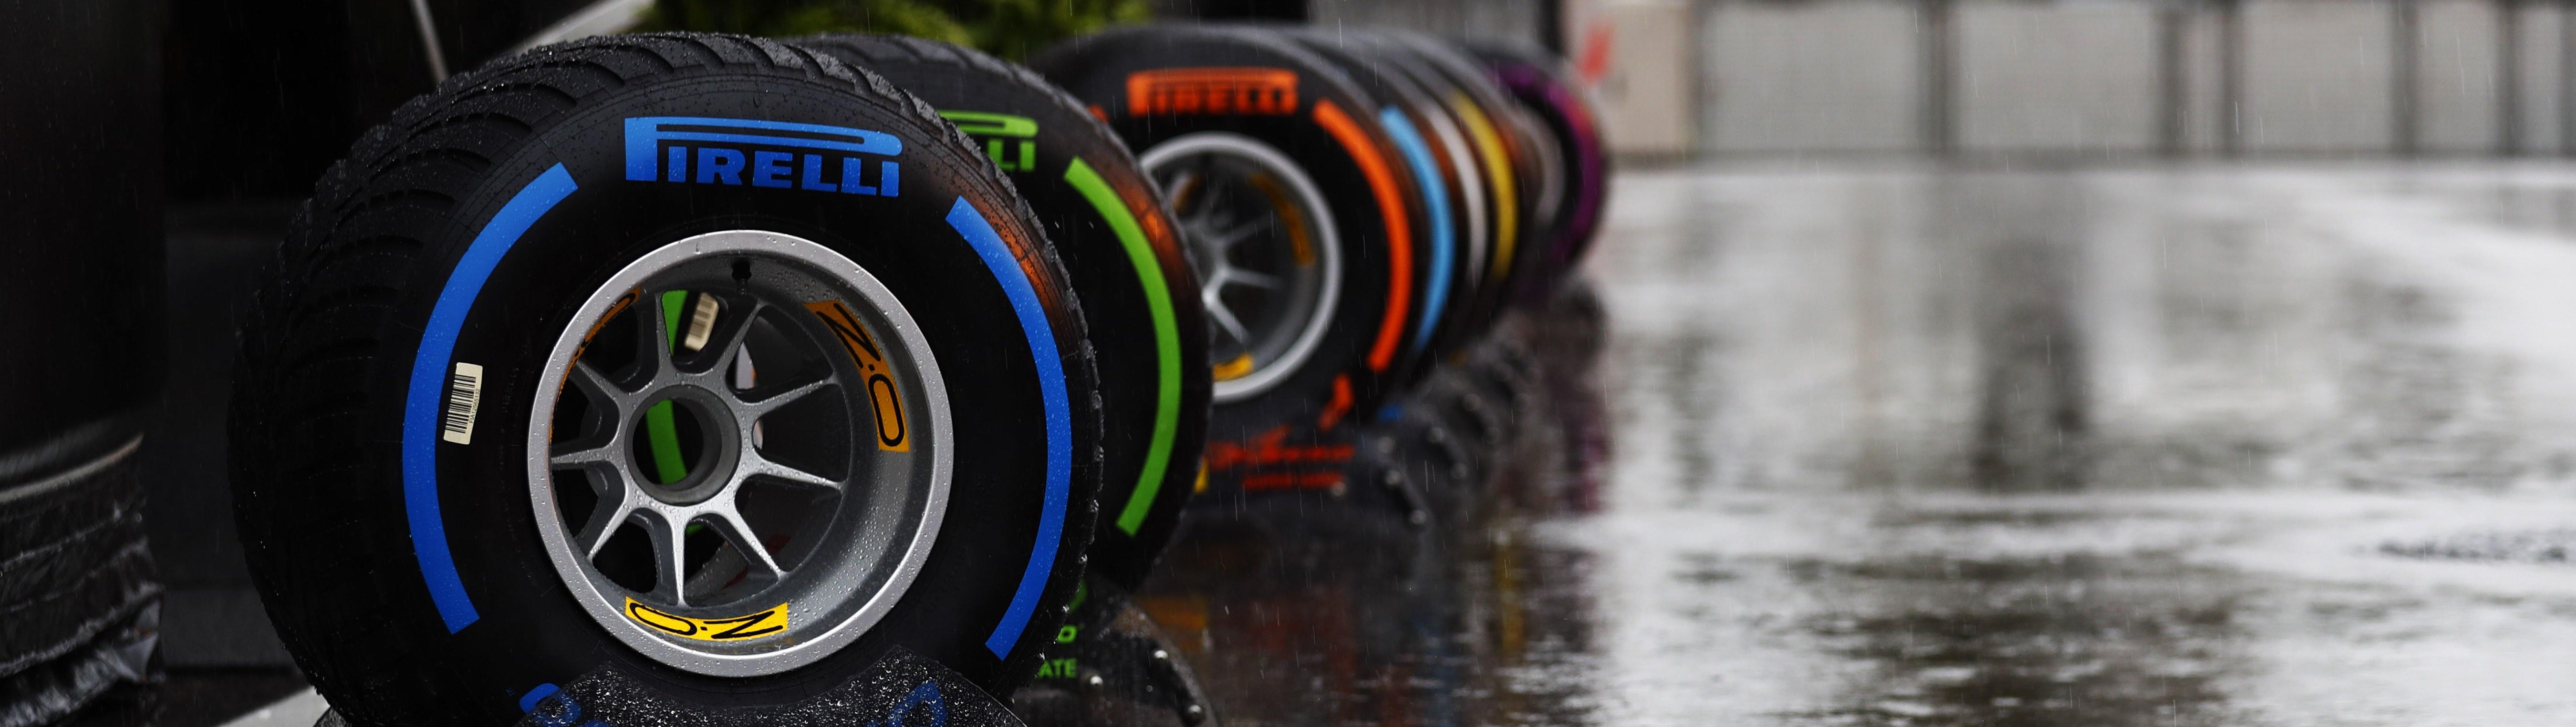 """Reporte Pirelli, Italia GP """"El clima hizo difícil la recolección de datos relevantes"""""""